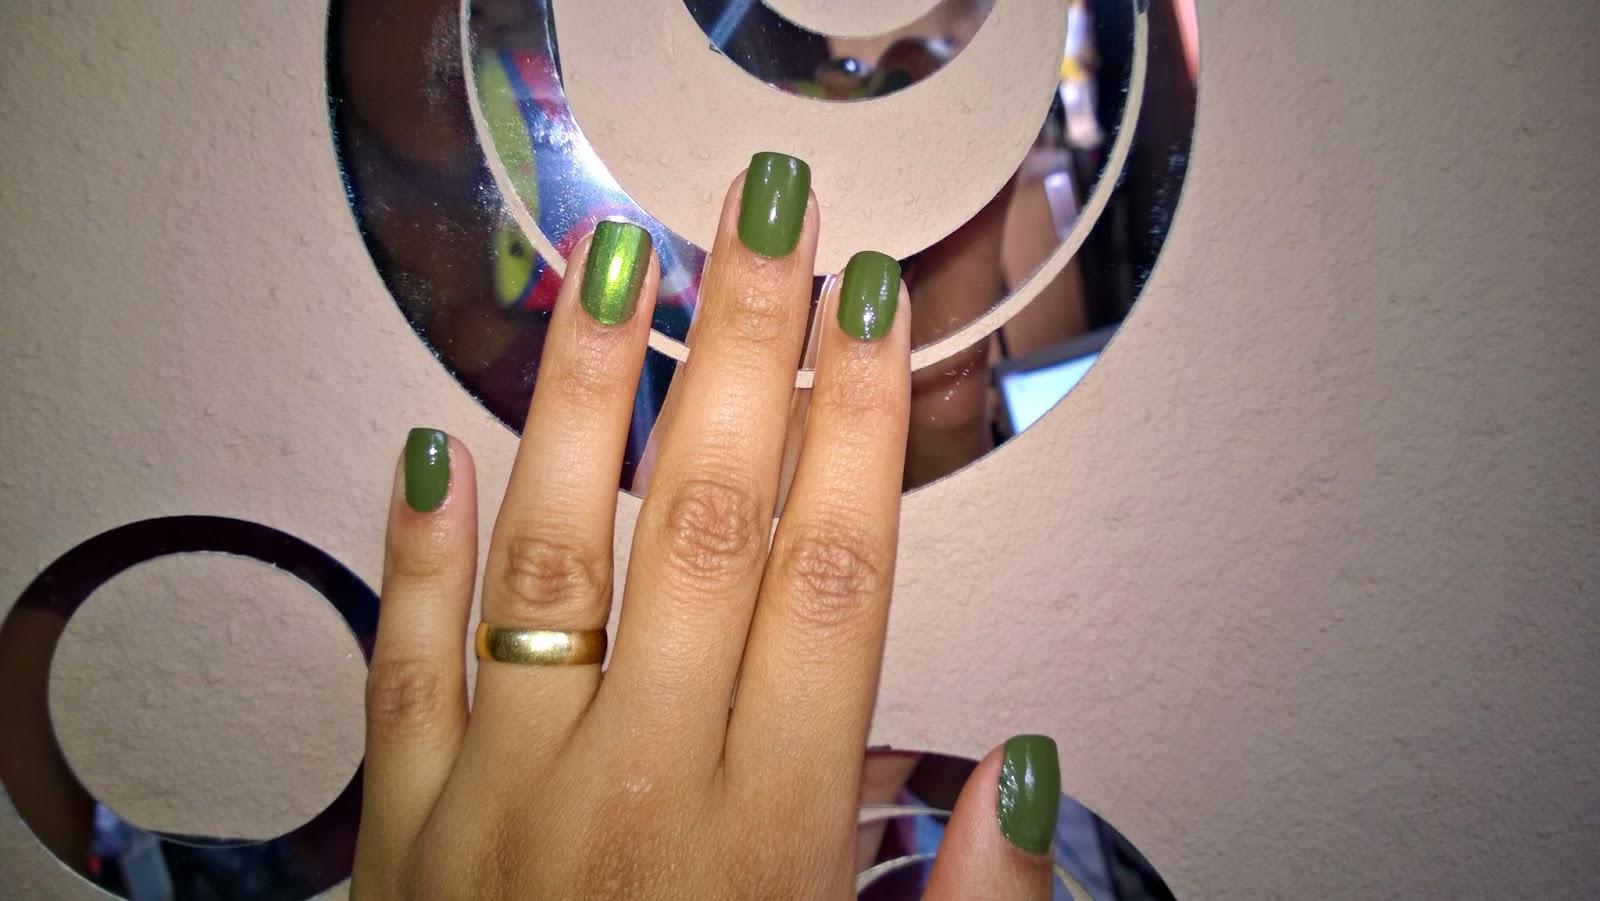 Esmalte da Semana: Verde Holográfico e Militar